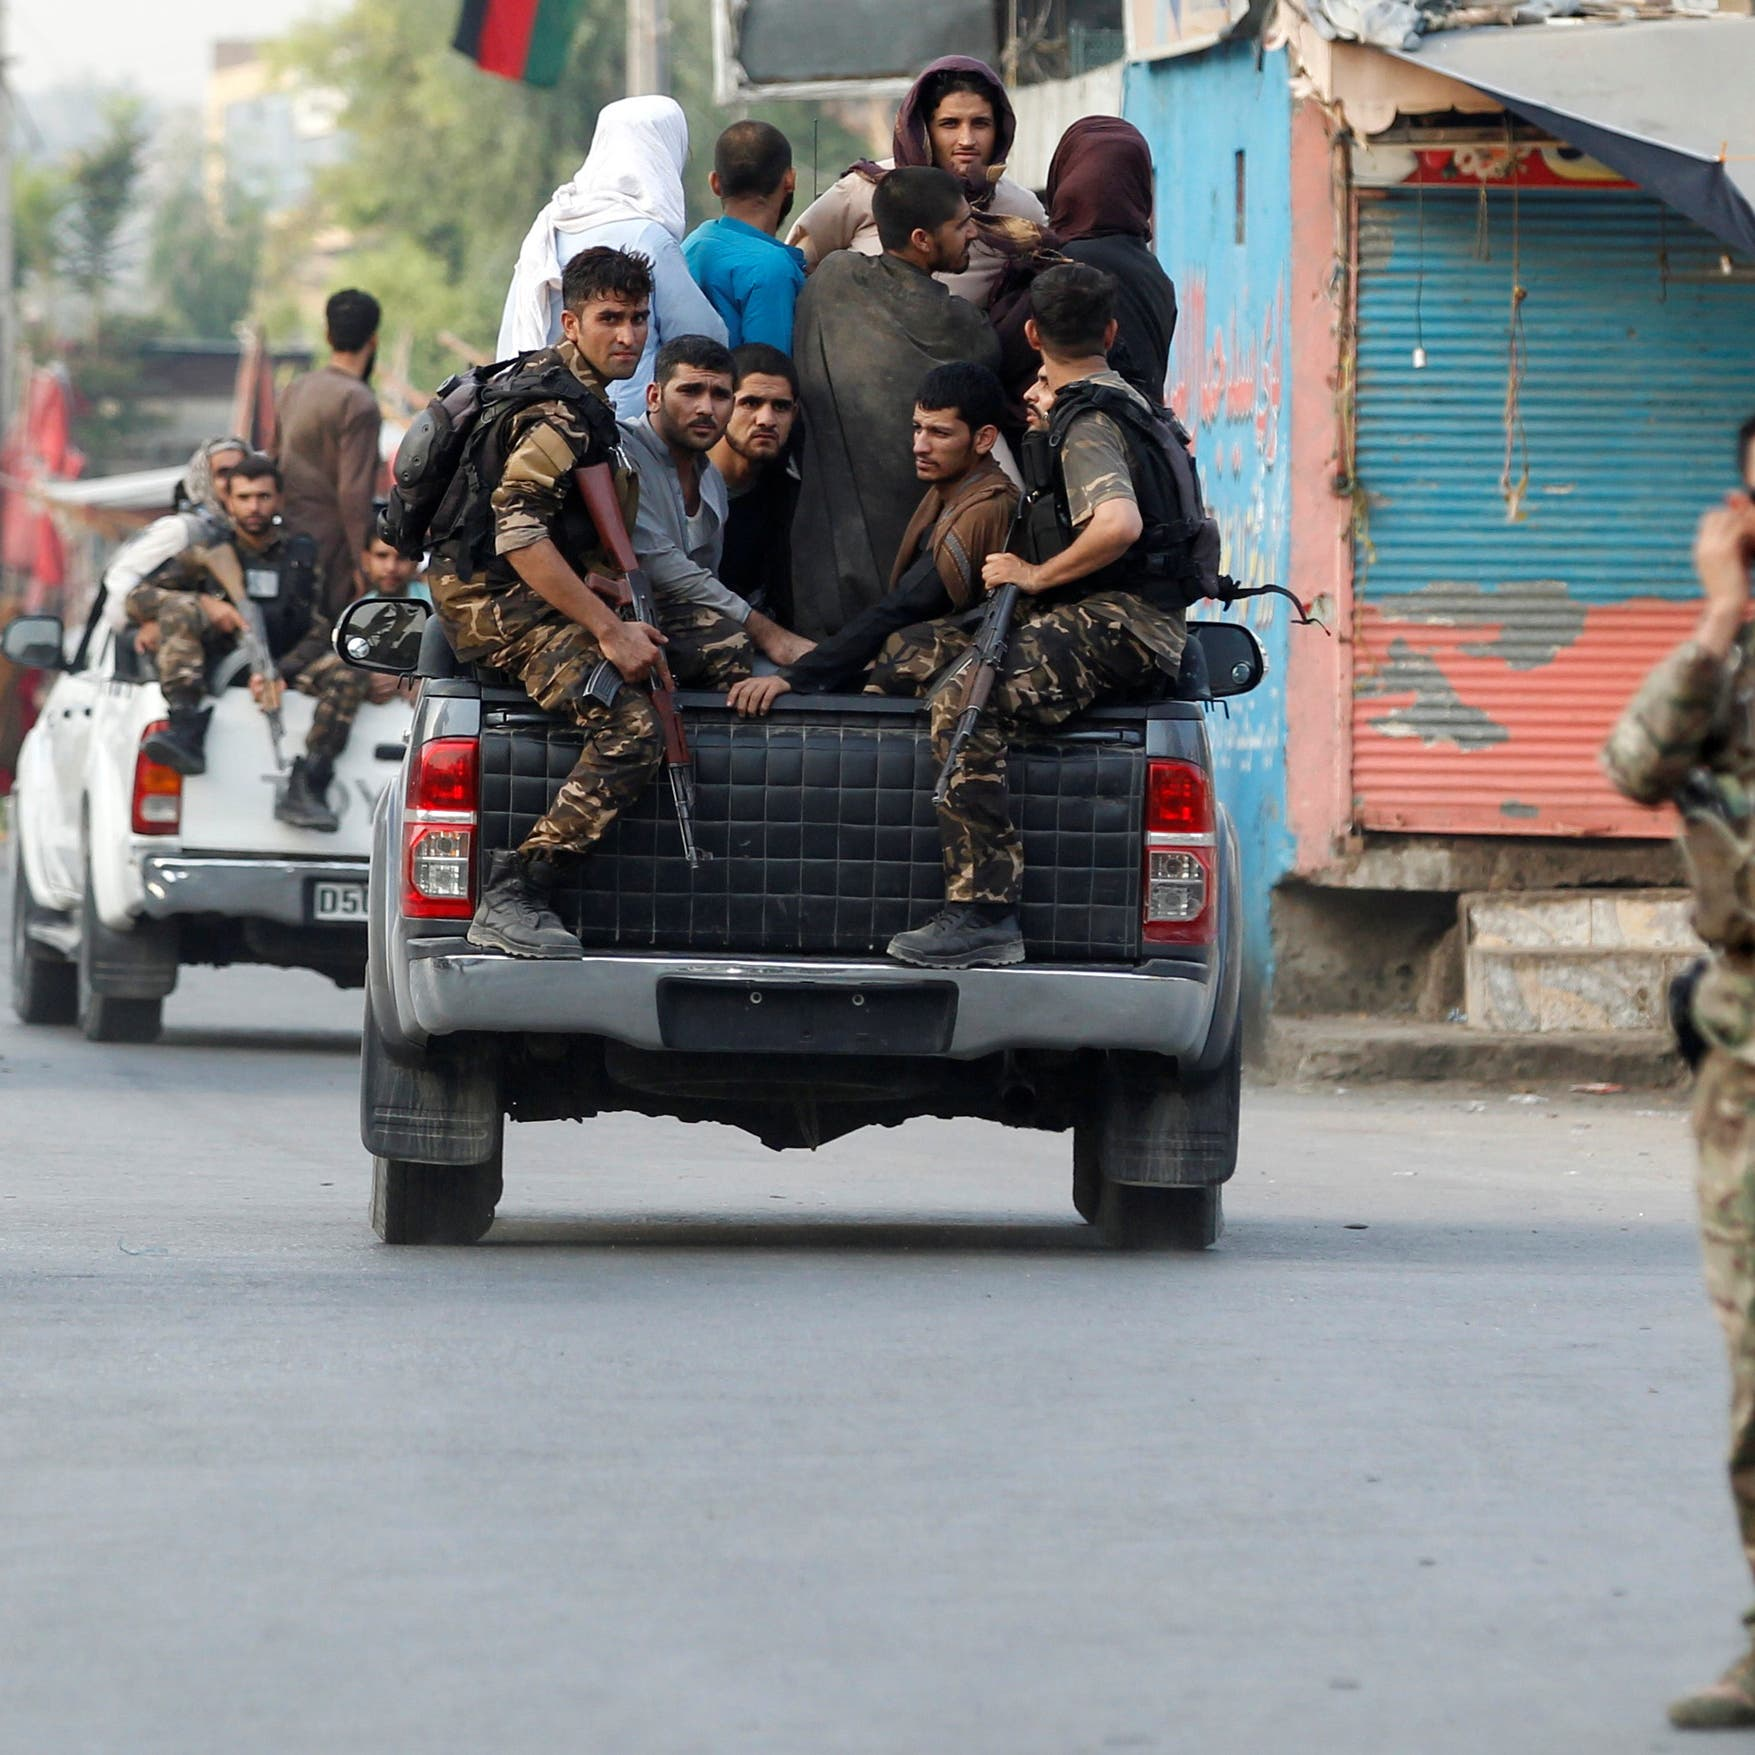 فرار جماعي من سجن أفغاني.. داعش باغت الحراس ومقتل 21